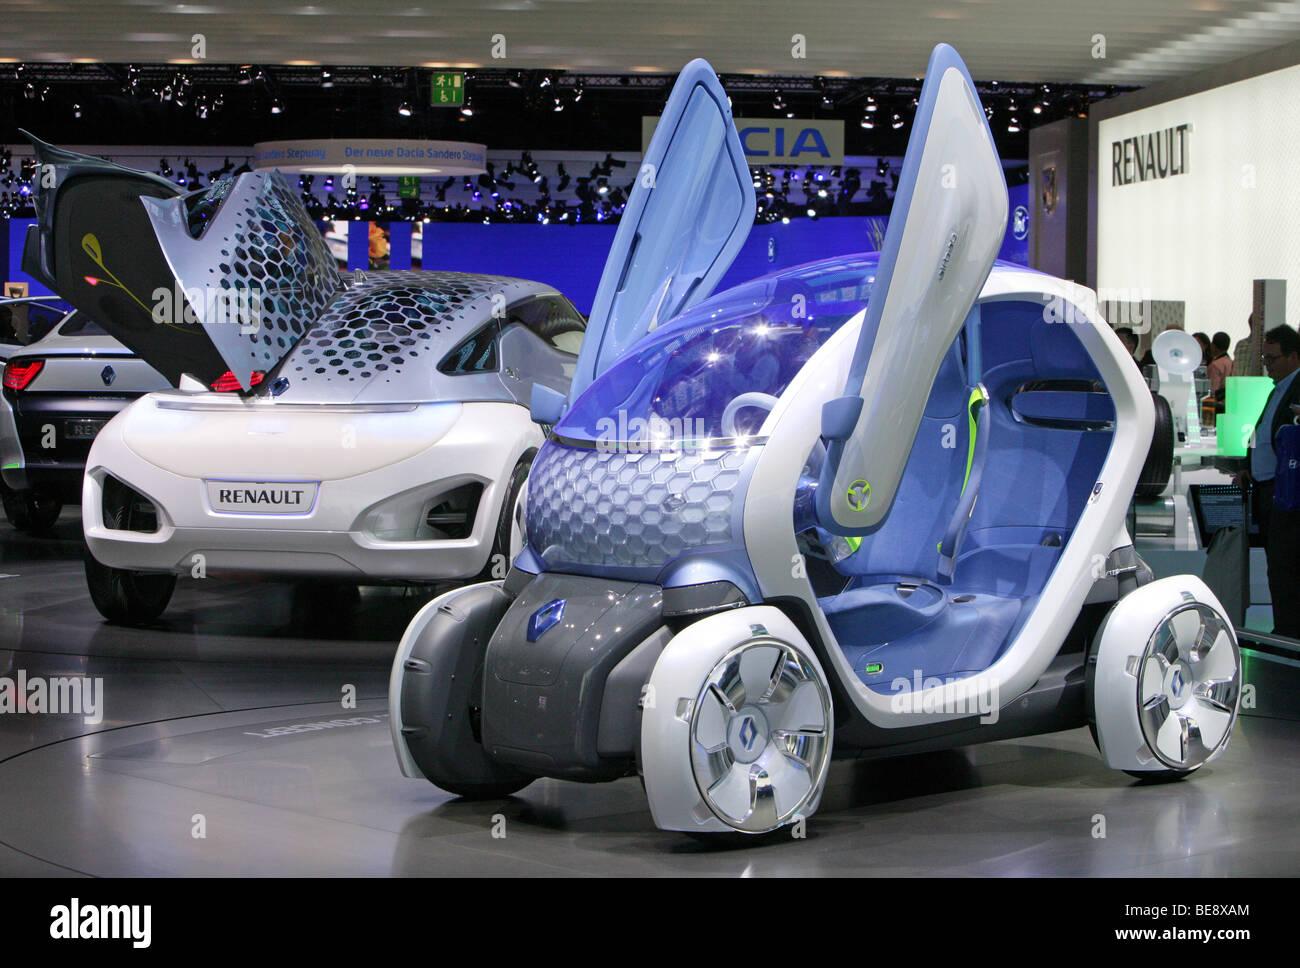 """'La voiture électrique Renault Twizy Z.E."""" (avant) et """"Renault Zoe Z.E."""" au 63. Salon de l'automobile IAA de Francfort/Allemagne Banque D'Images"""